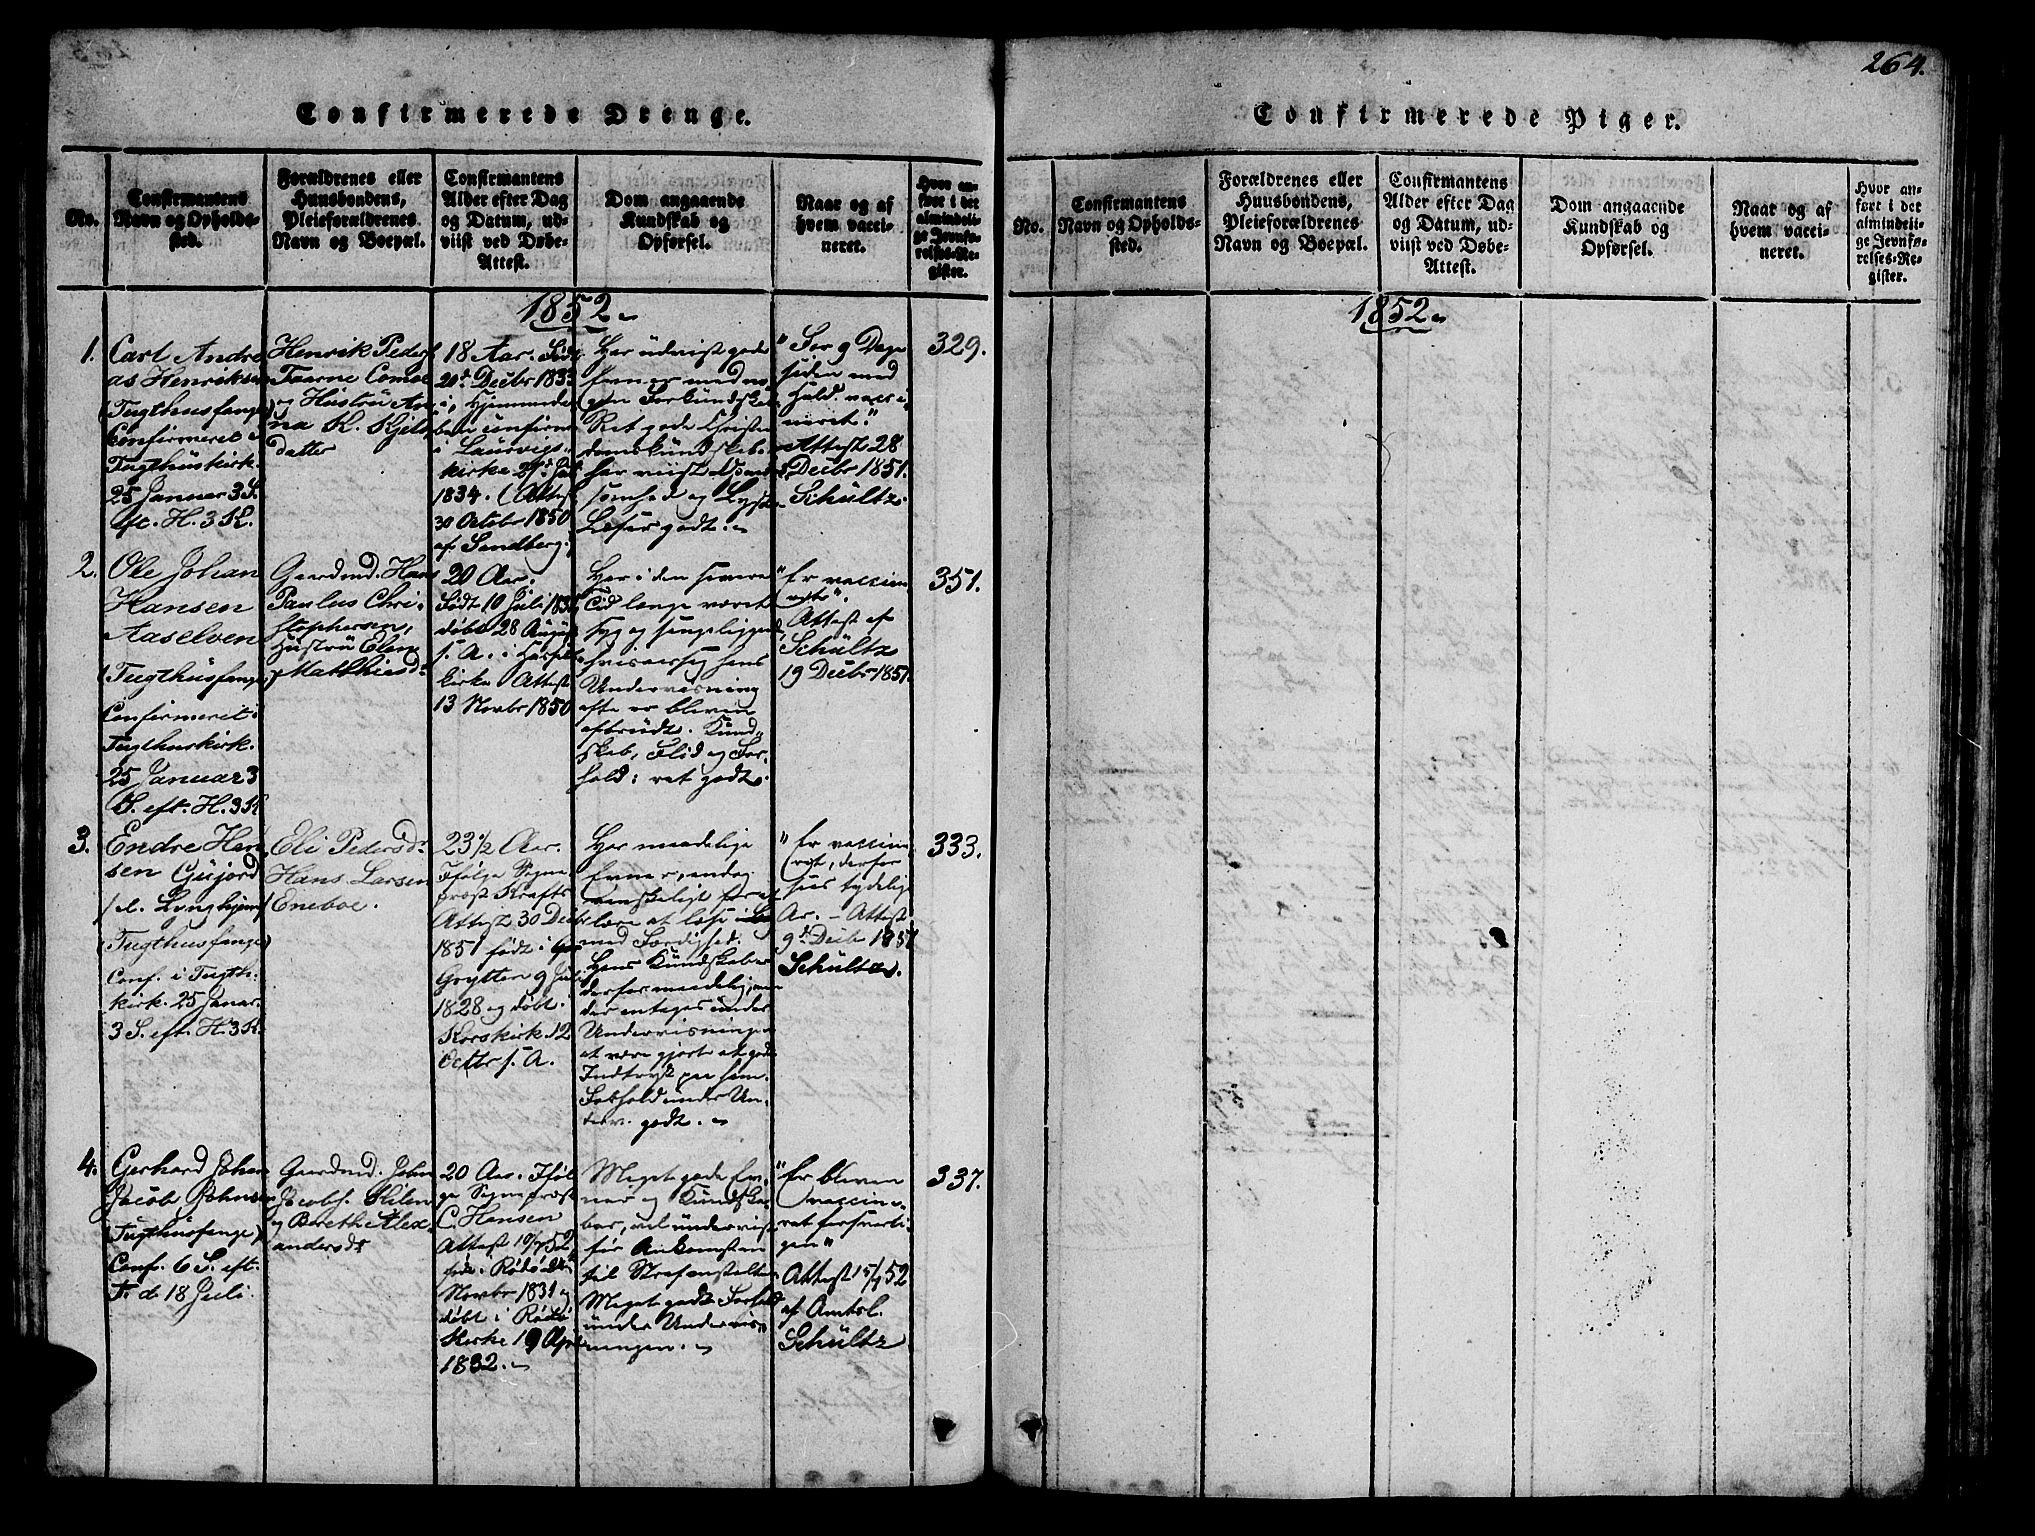 SAT, Ministerialprotokoller, klokkerbøker og fødselsregistre - Sør-Trøndelag, 623/L0478: Klokkerbok nr. 623C01, 1815-1873, s. 264